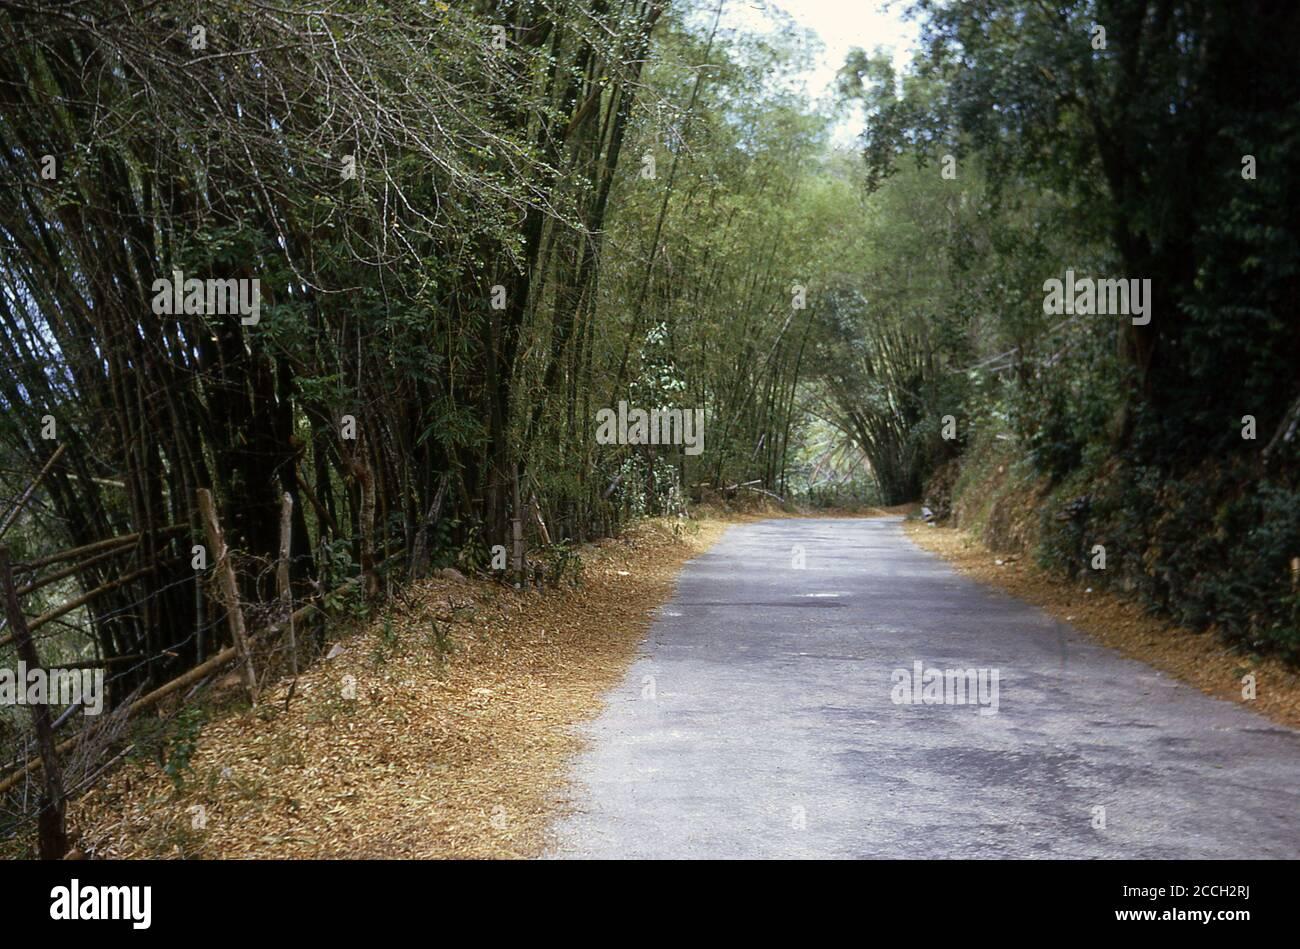 """Árboles de bambú al lado de un camino rural en la ladera, Jamaica, 1970. Aunque el bambú es técnicamente un """"pasto"""", los más grandes son muy parecidos a los árboles en apariencia y pueden crecer en altura hasta 40 metros. El bambú es un material de construcción muy ligero, pero es tres veces más fuerte que la madera y tiene una mayor resistencia a la tracción que el acero. Un cultivo sostenible, que toma aproximadamente 3 años para madurar, en comparación con los 30-40 años para un árbol, es una alternativa ecológica viable al plástico, pero cuando se cultiva commerically necesita manejarse bien, de lo contrario se vuelve invasor. Foto de stock"""